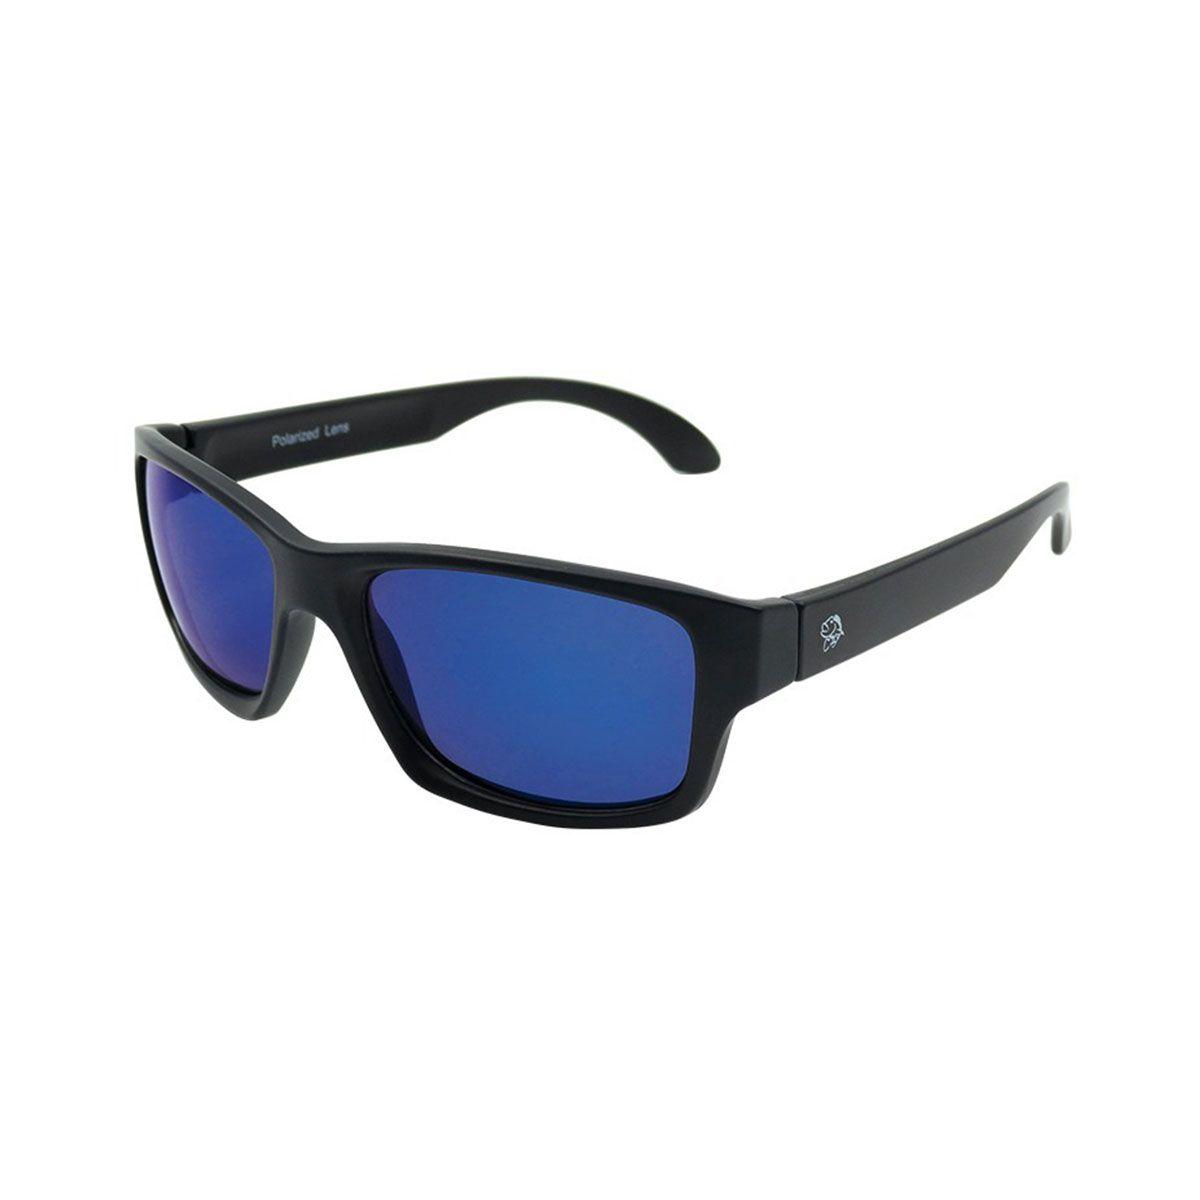 Óculos Polarizado Pro Tsuri GT Preto e Fosco Lente Blue Mirror